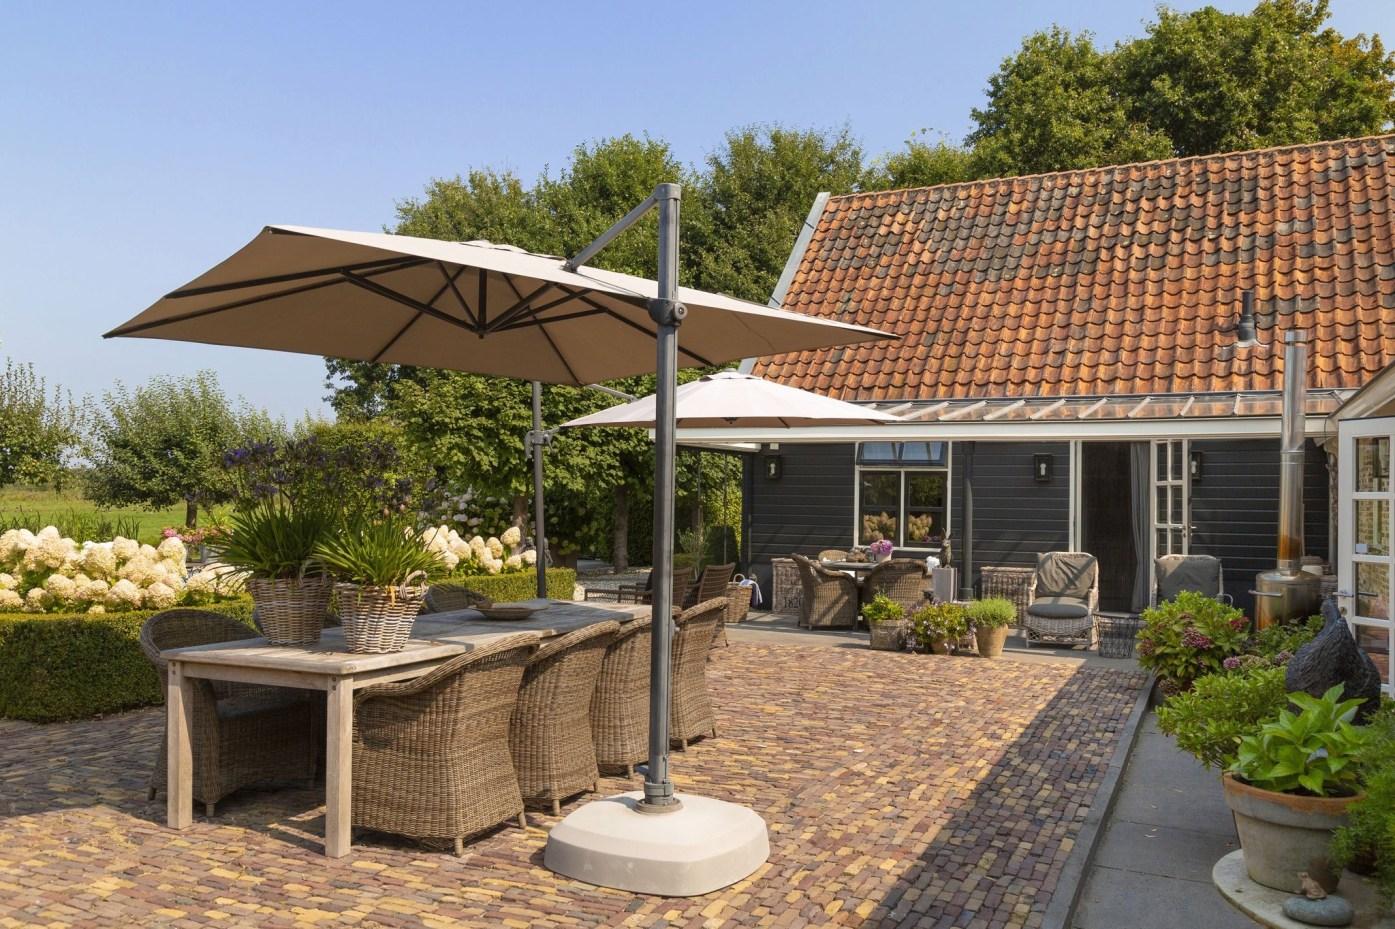 дом в нидерландах двор зонт садовая мебель